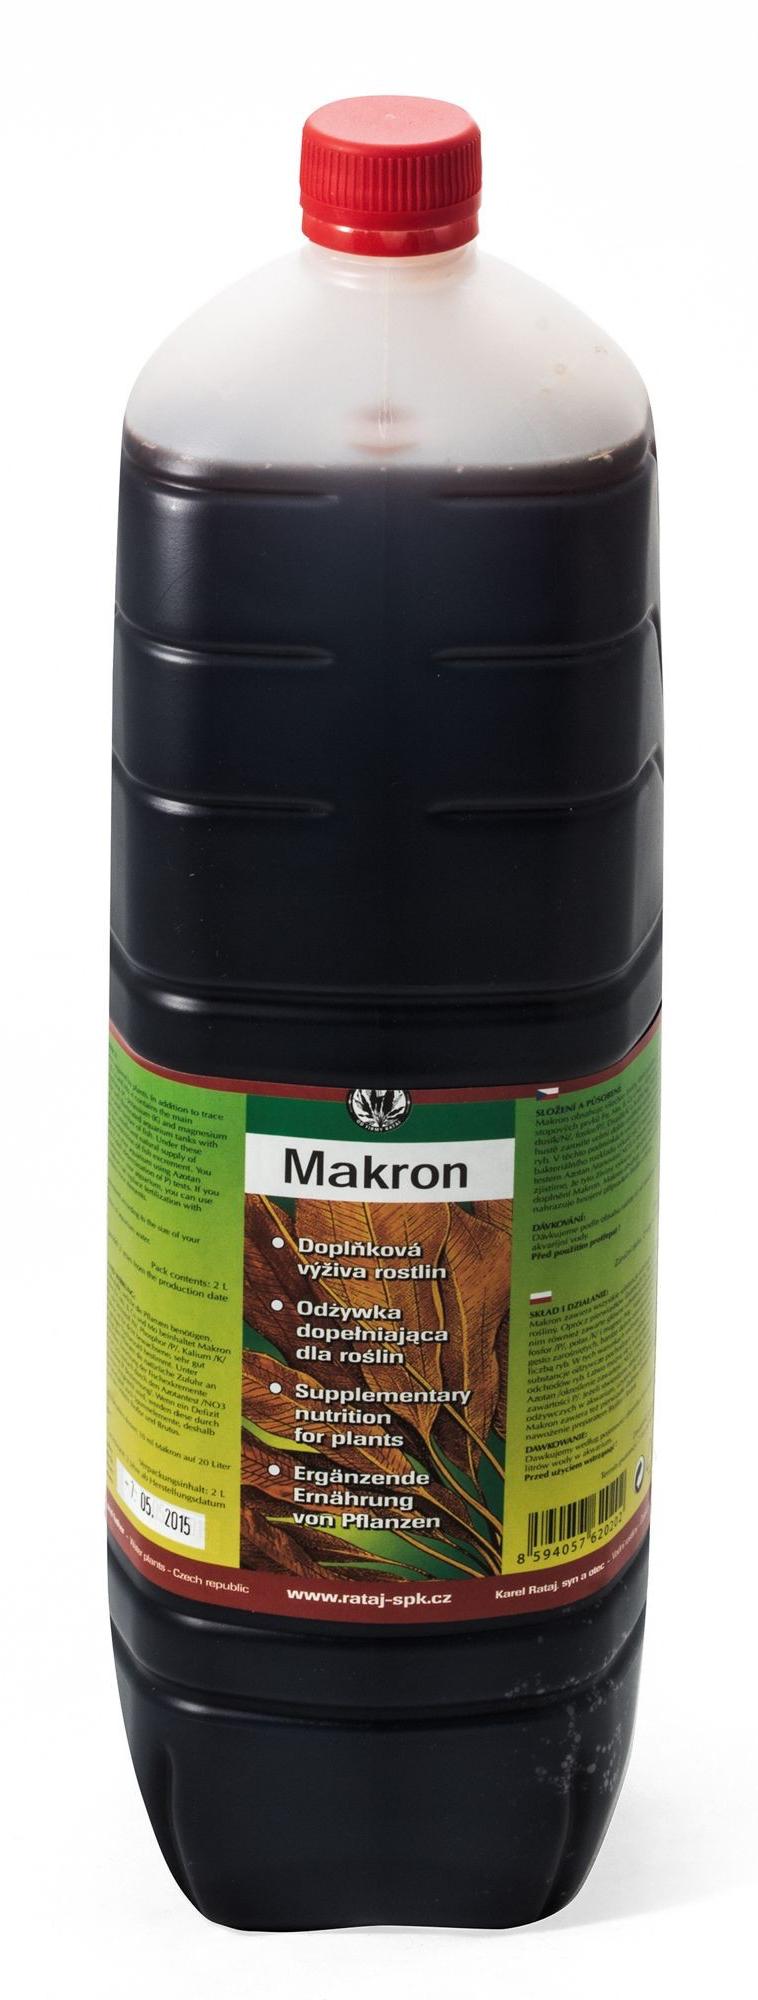 Nawóz Rataj MAKRON [uzupełnienie 2000ml - nawóz makroelementowy